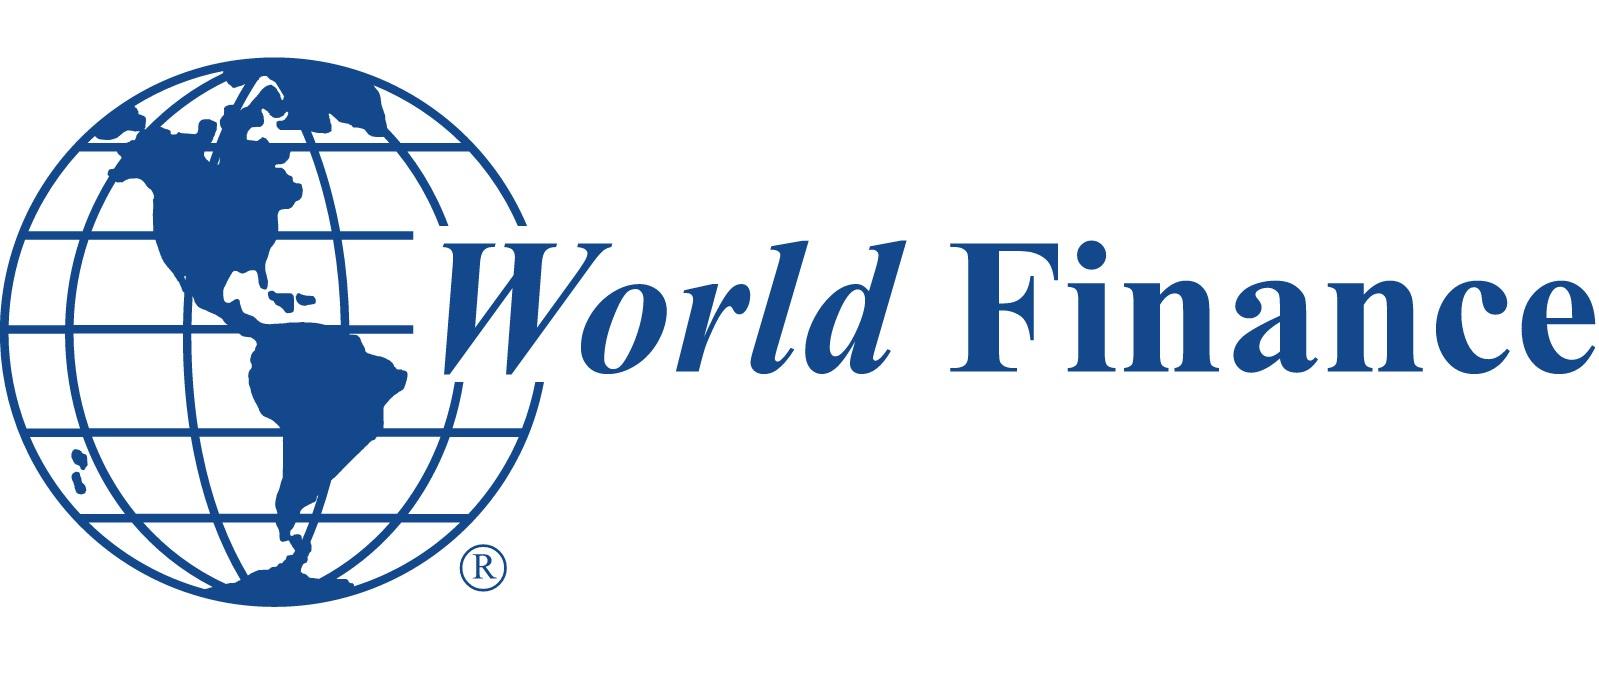 World Finance logo